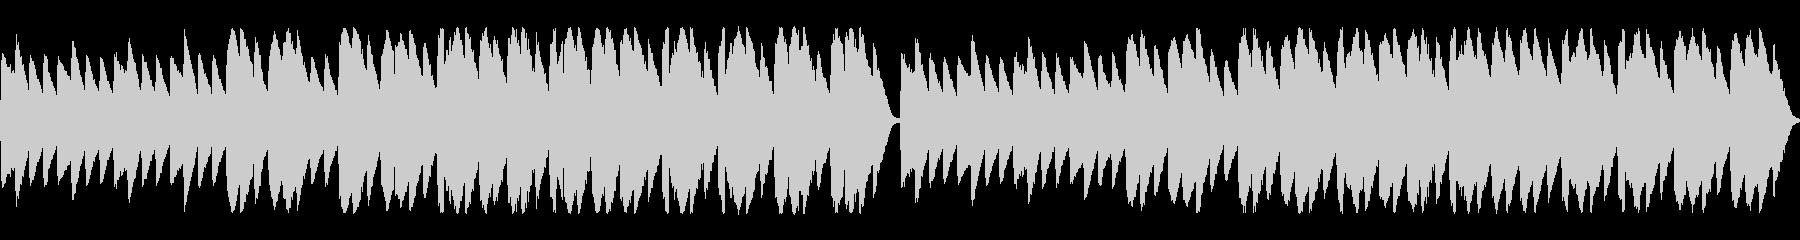 静かで切ない雰囲気のチップチューンの未再生の波形